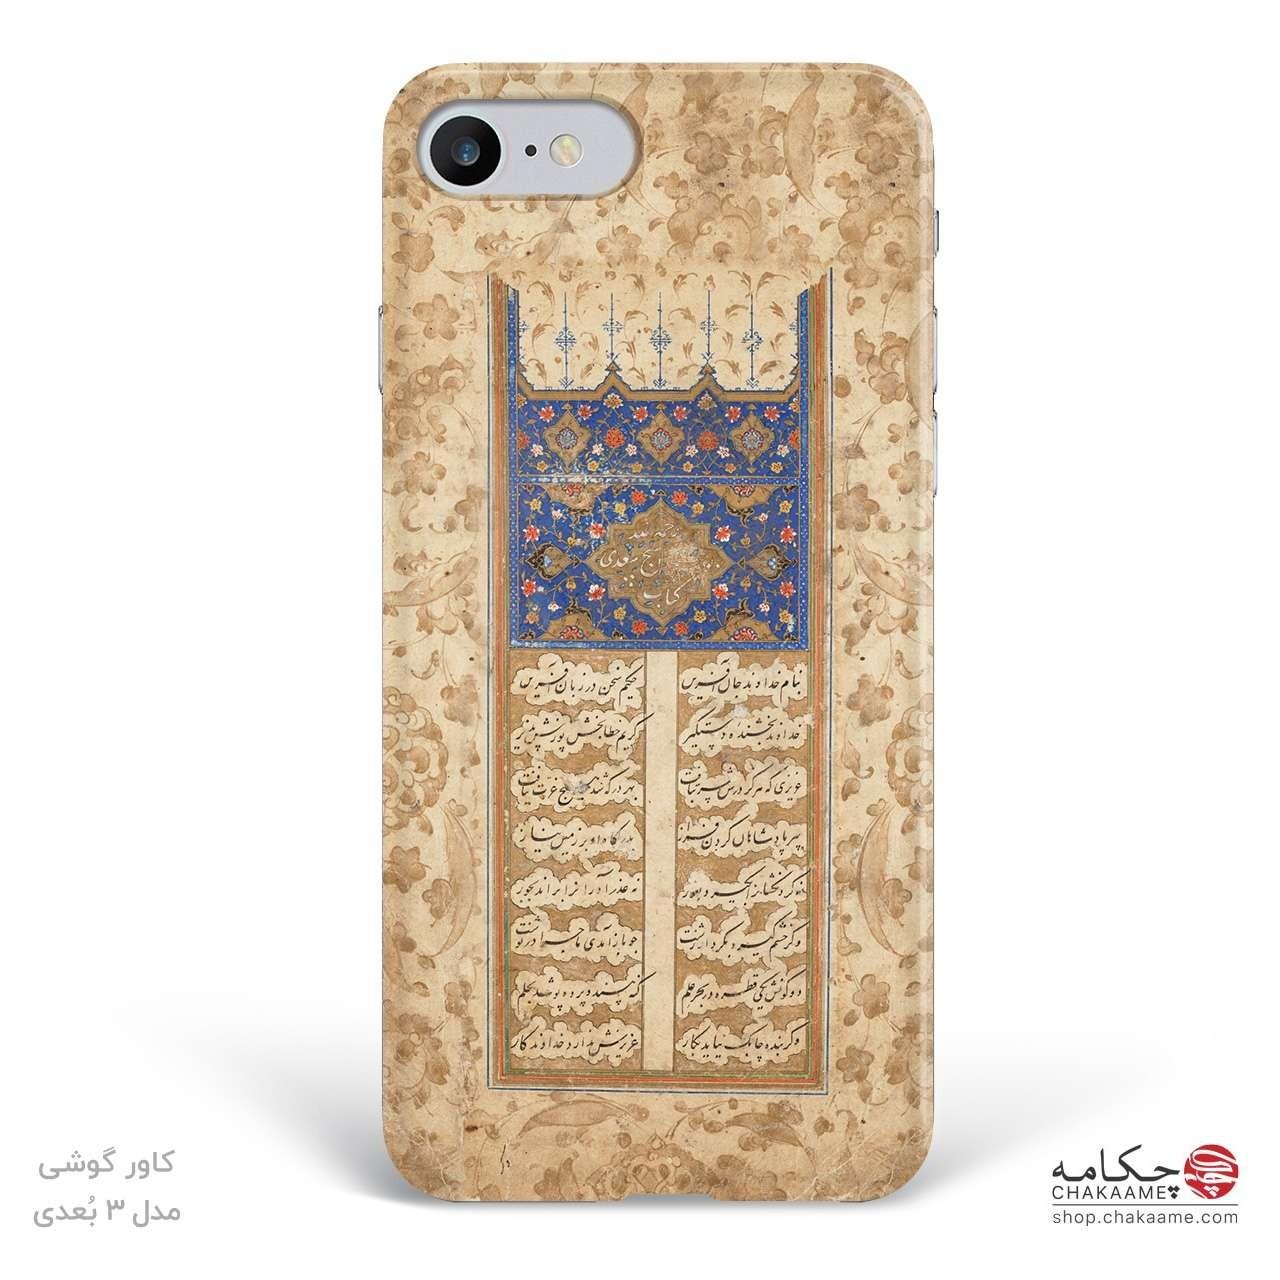 کاور گوشی کتاب خطی سعدی - کد ۱